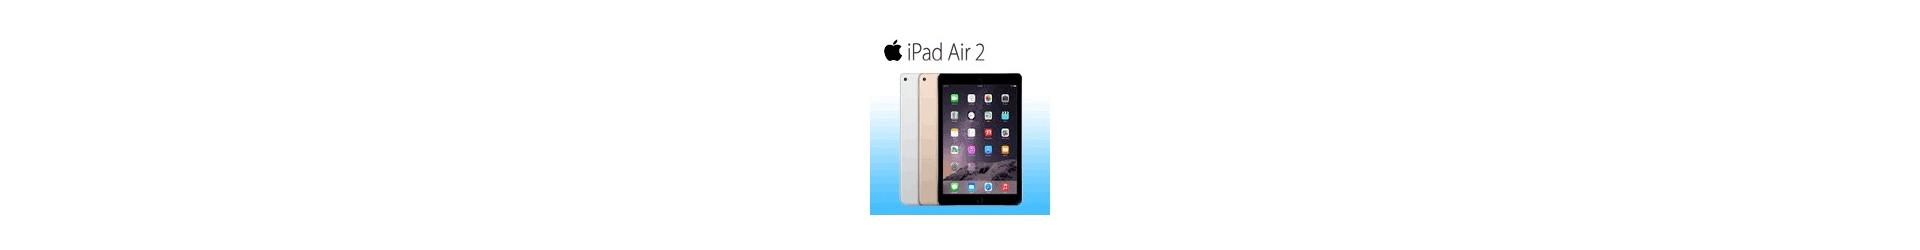 Accesorios y partes para iPad Air 2 en Mexico